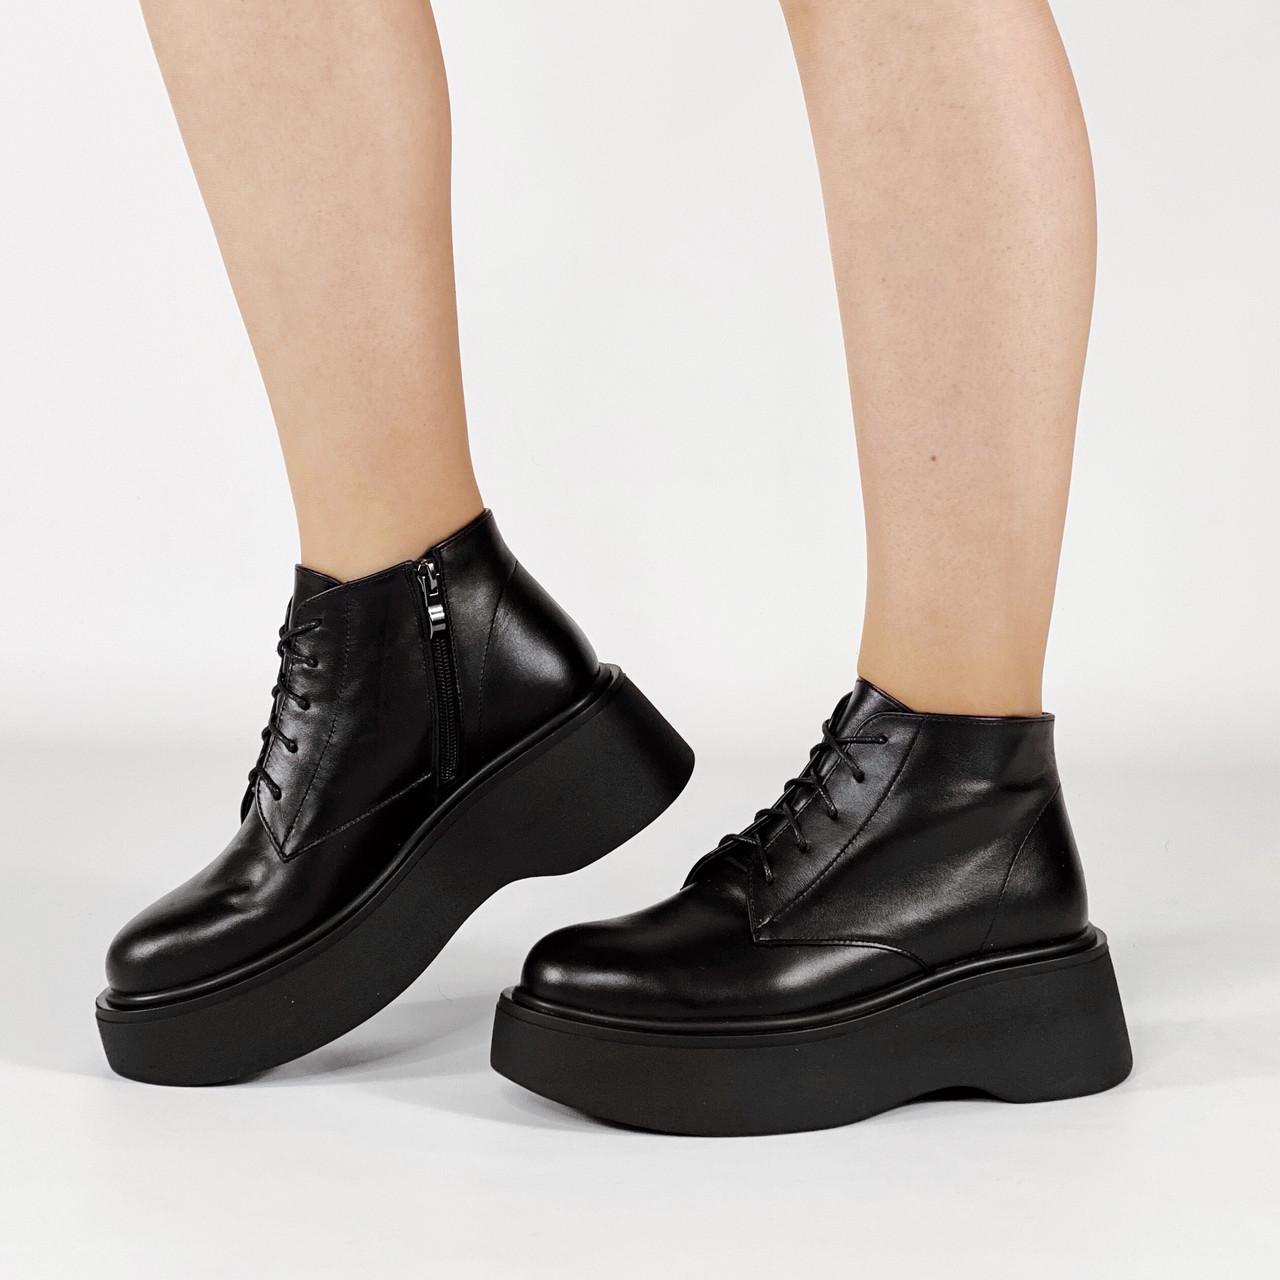 Черевики жіночі шкіряні чорні короткі на шнурках MORENTO демісезонні